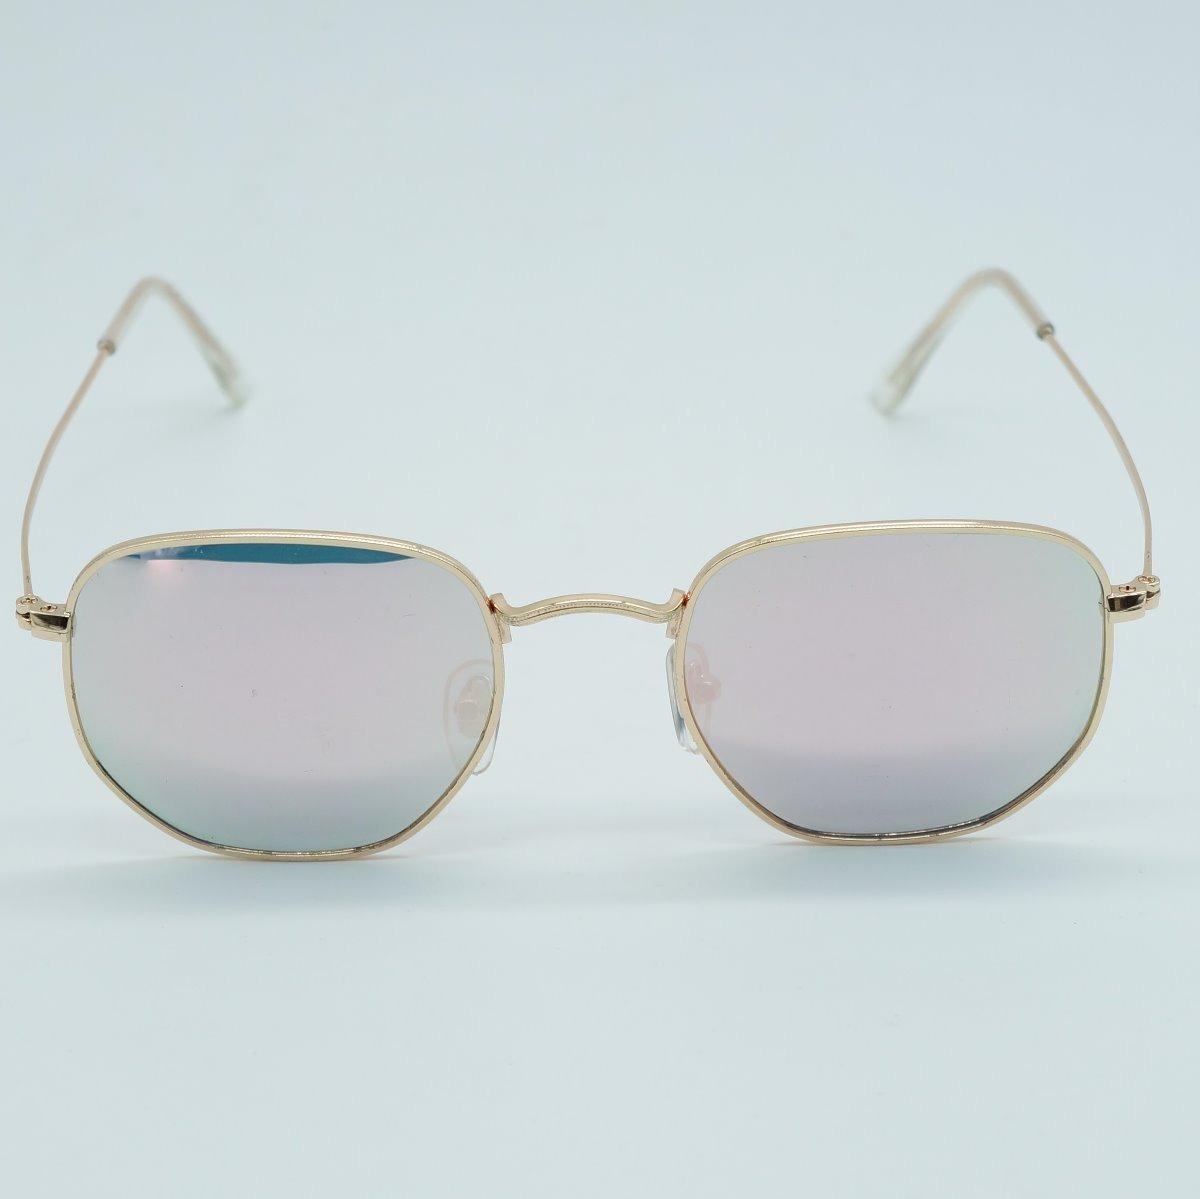 d04007b376a56 Oculos De Sol 3548 Hexagonal Varias 4 Unidades - R  200,00 em Mercado Livre